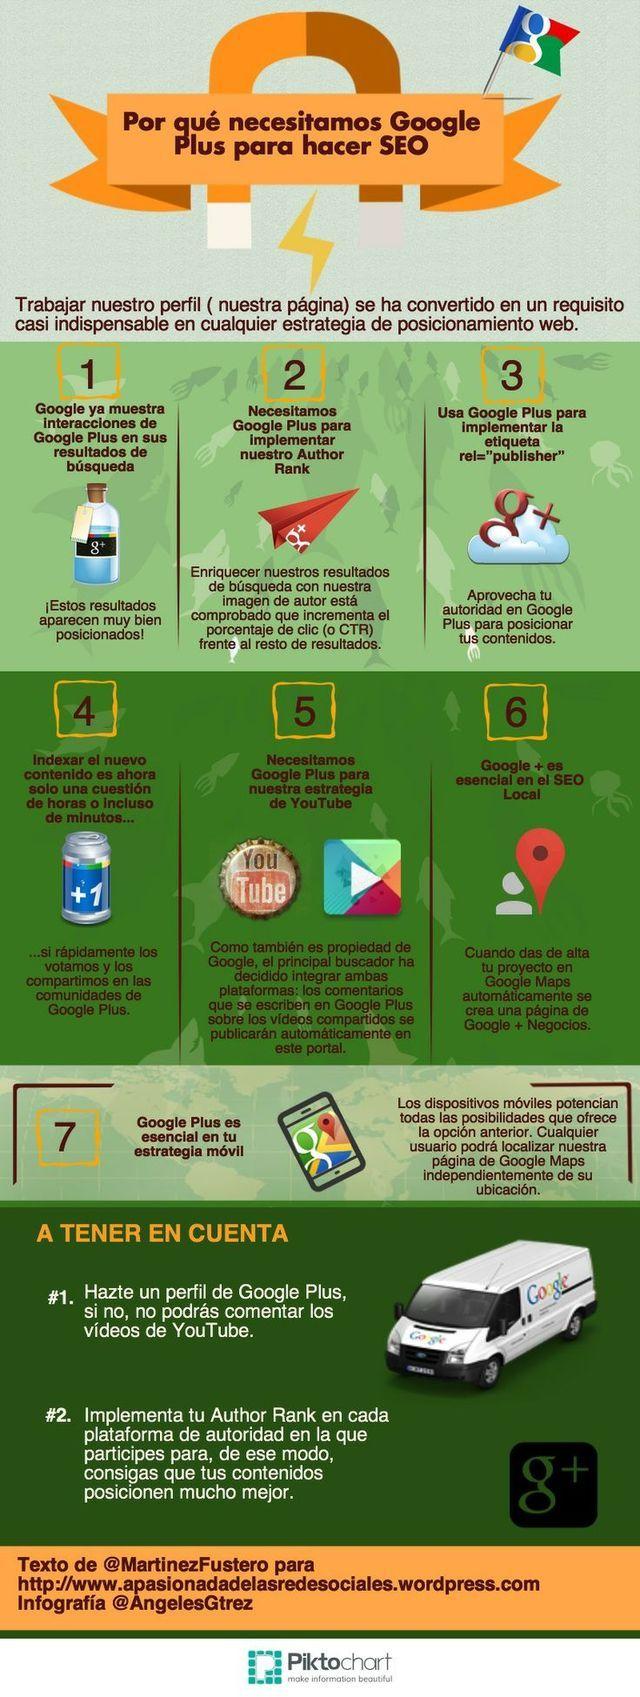 ¿Por qué es necesario Google+ para el SEO? - Via Pmesocial